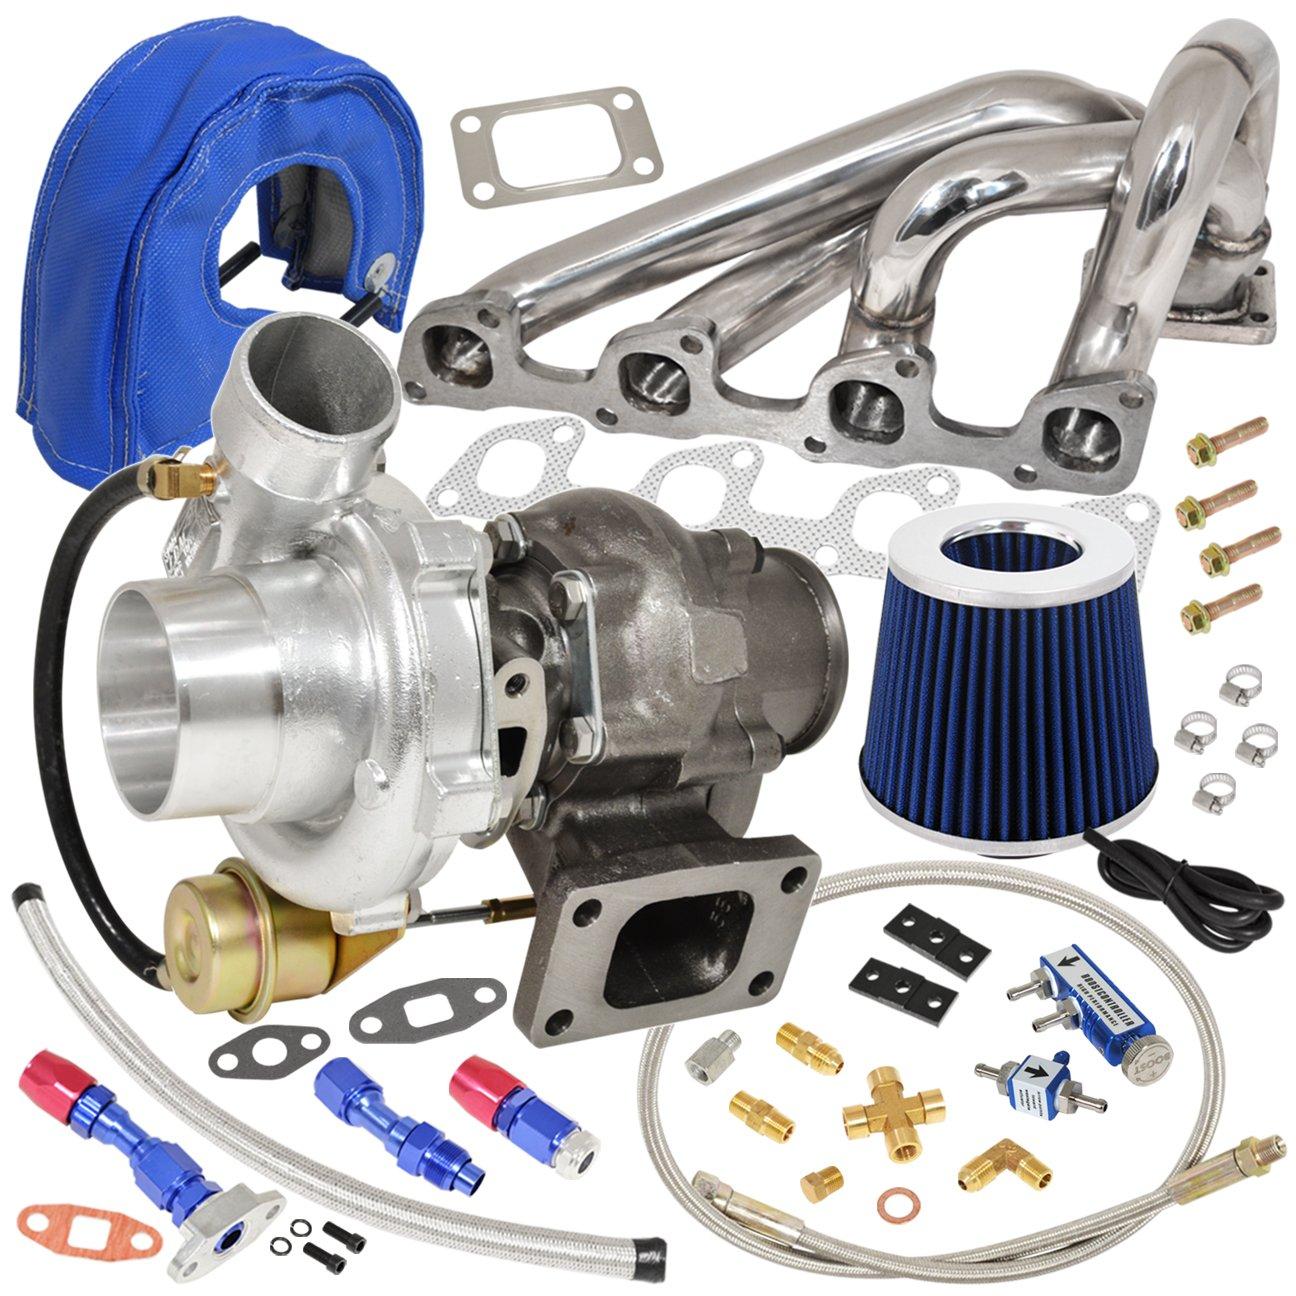 Volve 240 740 940 2.3L N/A Motor colector acero inoxidable + T3/T4 V-Band refrigerado por aceite turbo cargador con interior wastegate + filtro de aire + ...